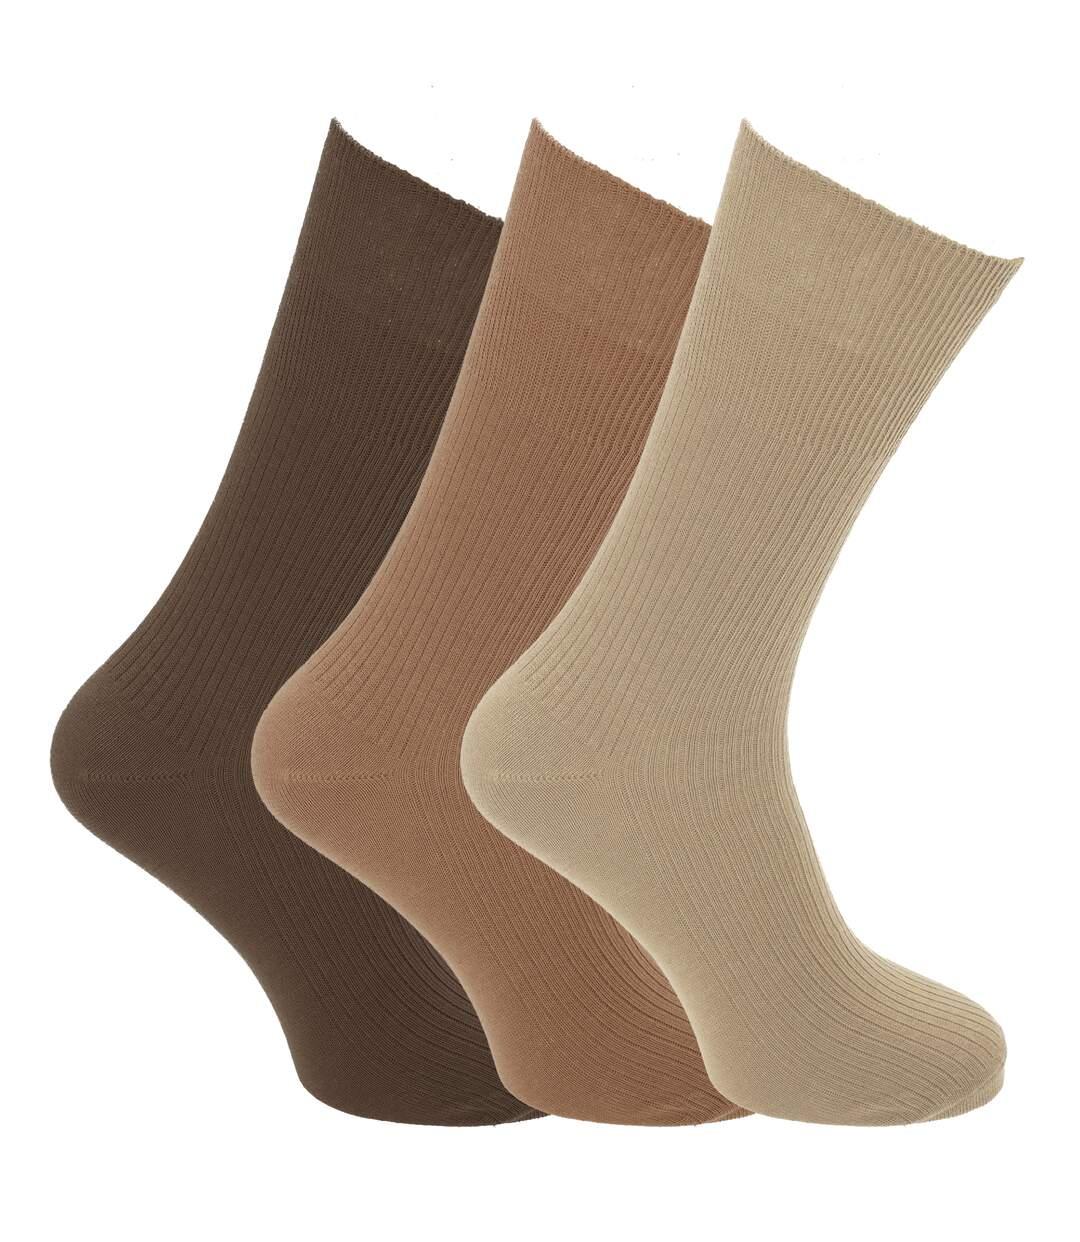 Mens Big Foot Non Elastic Diabetic Socks (3 Pairs) (Shades Of Brown) - UTMB385